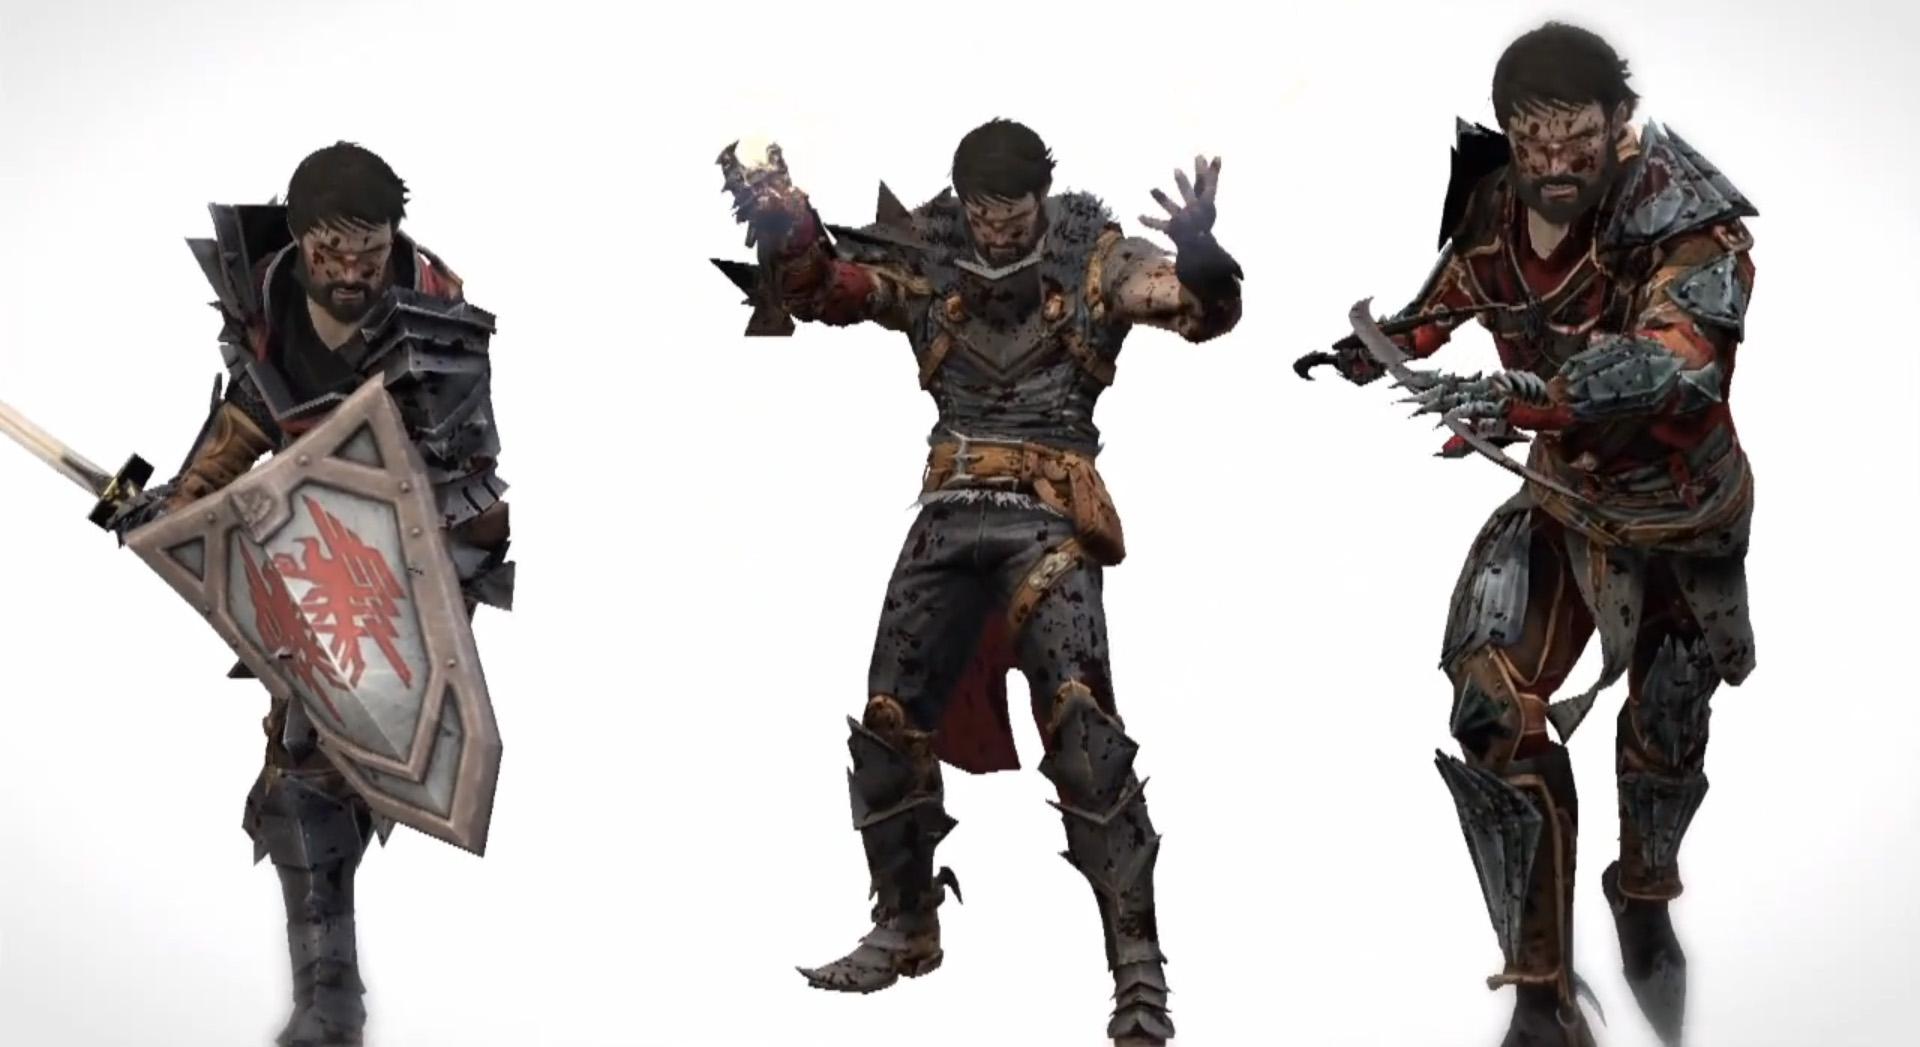 uniek ontwerp behoorlijk goedkoop goedkope prijzen Dragon Age II 'Champion' trailer explores the many facets of ...